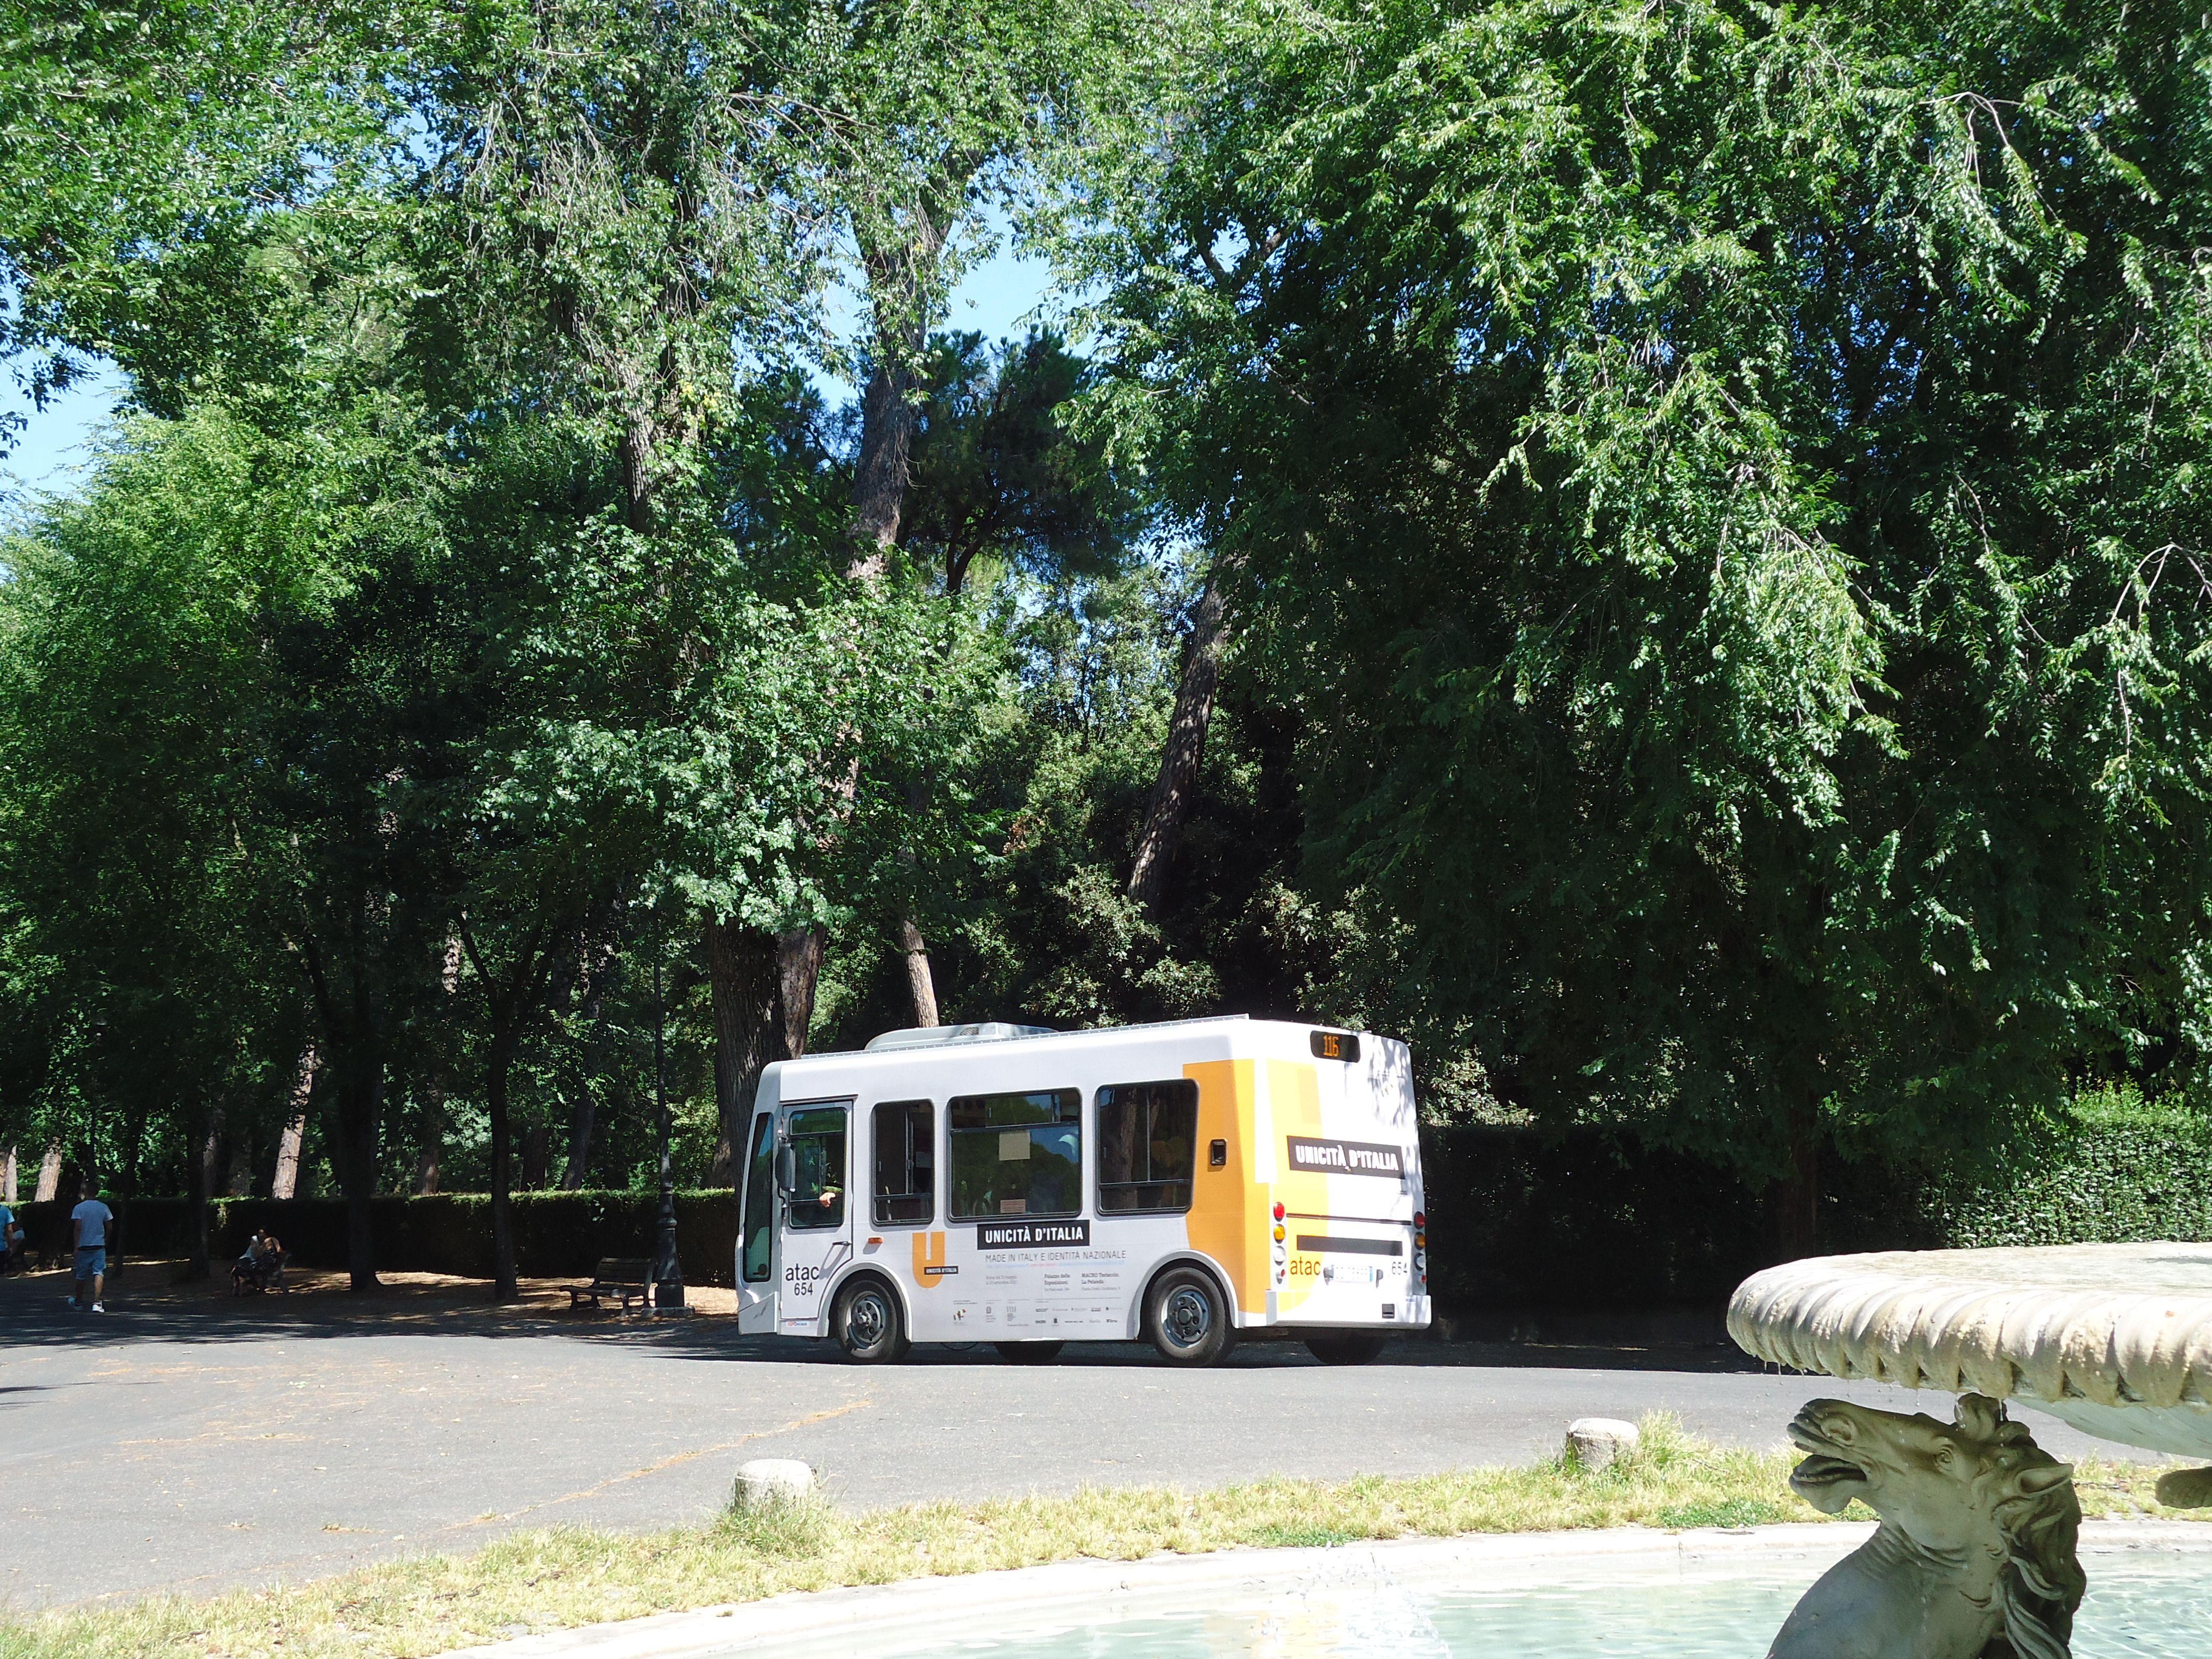 Openbaar vervoer in Rome: ATAC